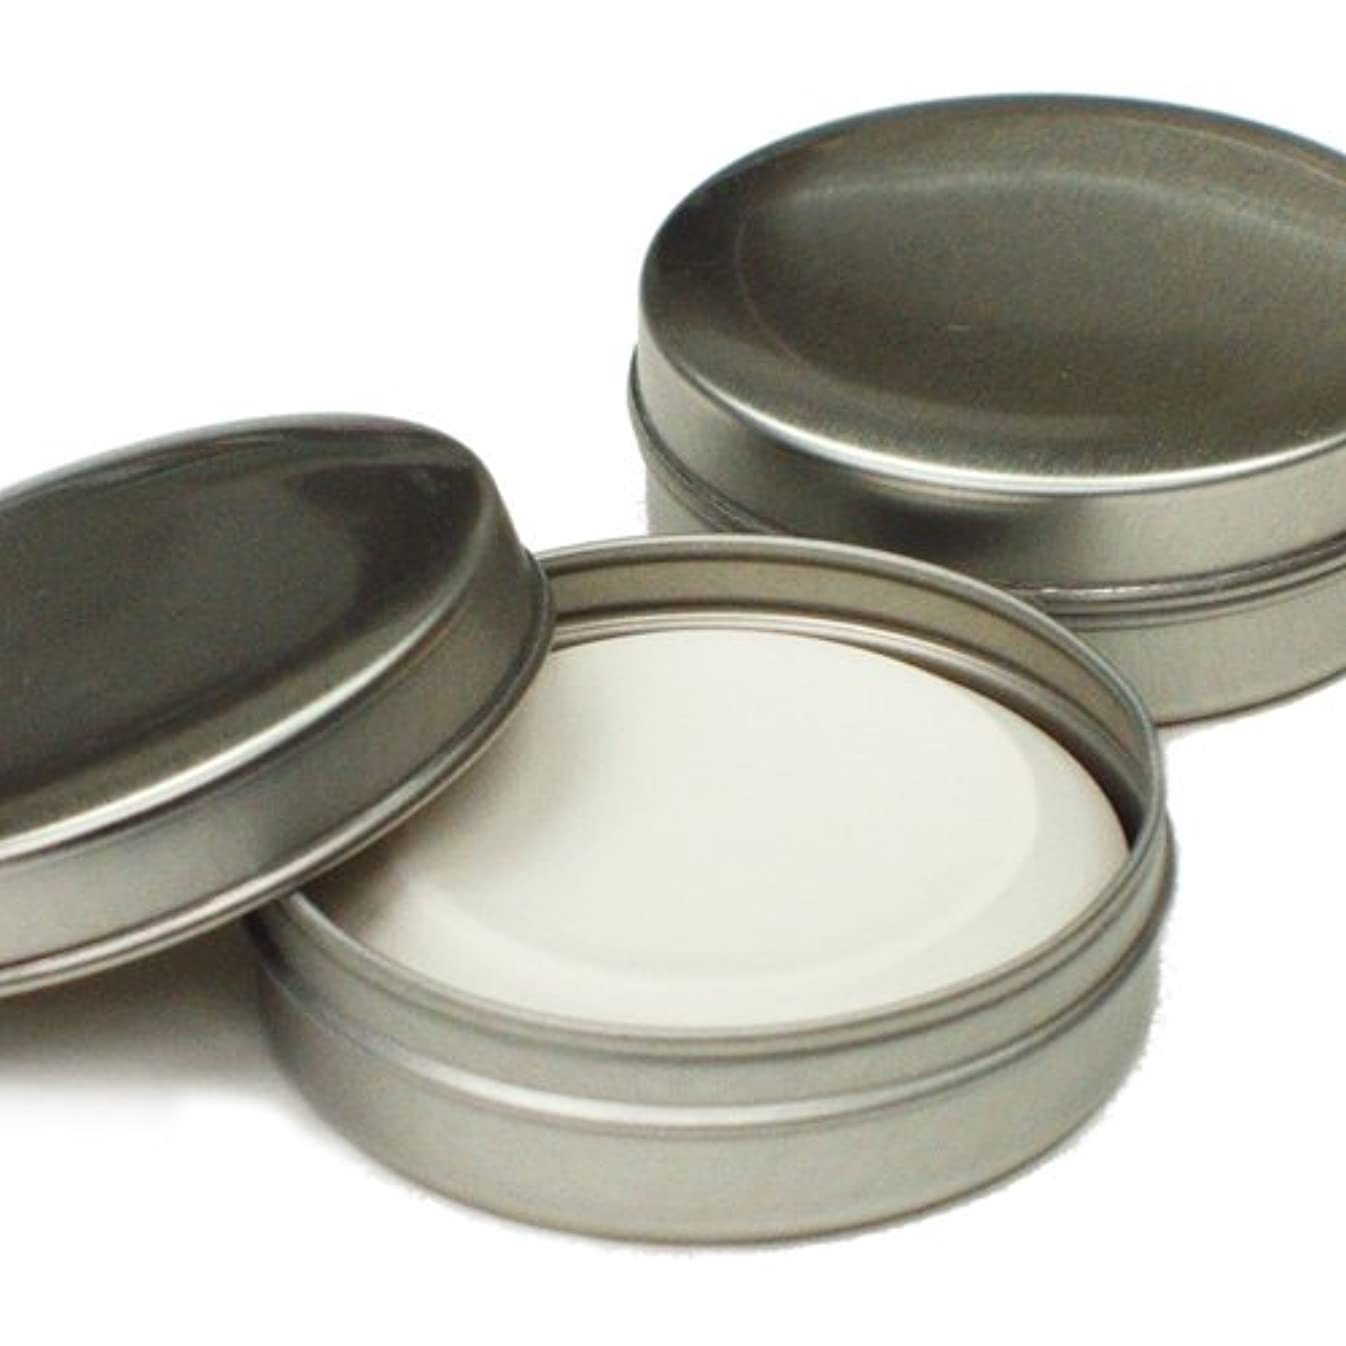 服名門どうやらアロマストーン アロマプレート アルミ缶入 2個セット 日本製 素焼き 陶器 アロマディフューザー